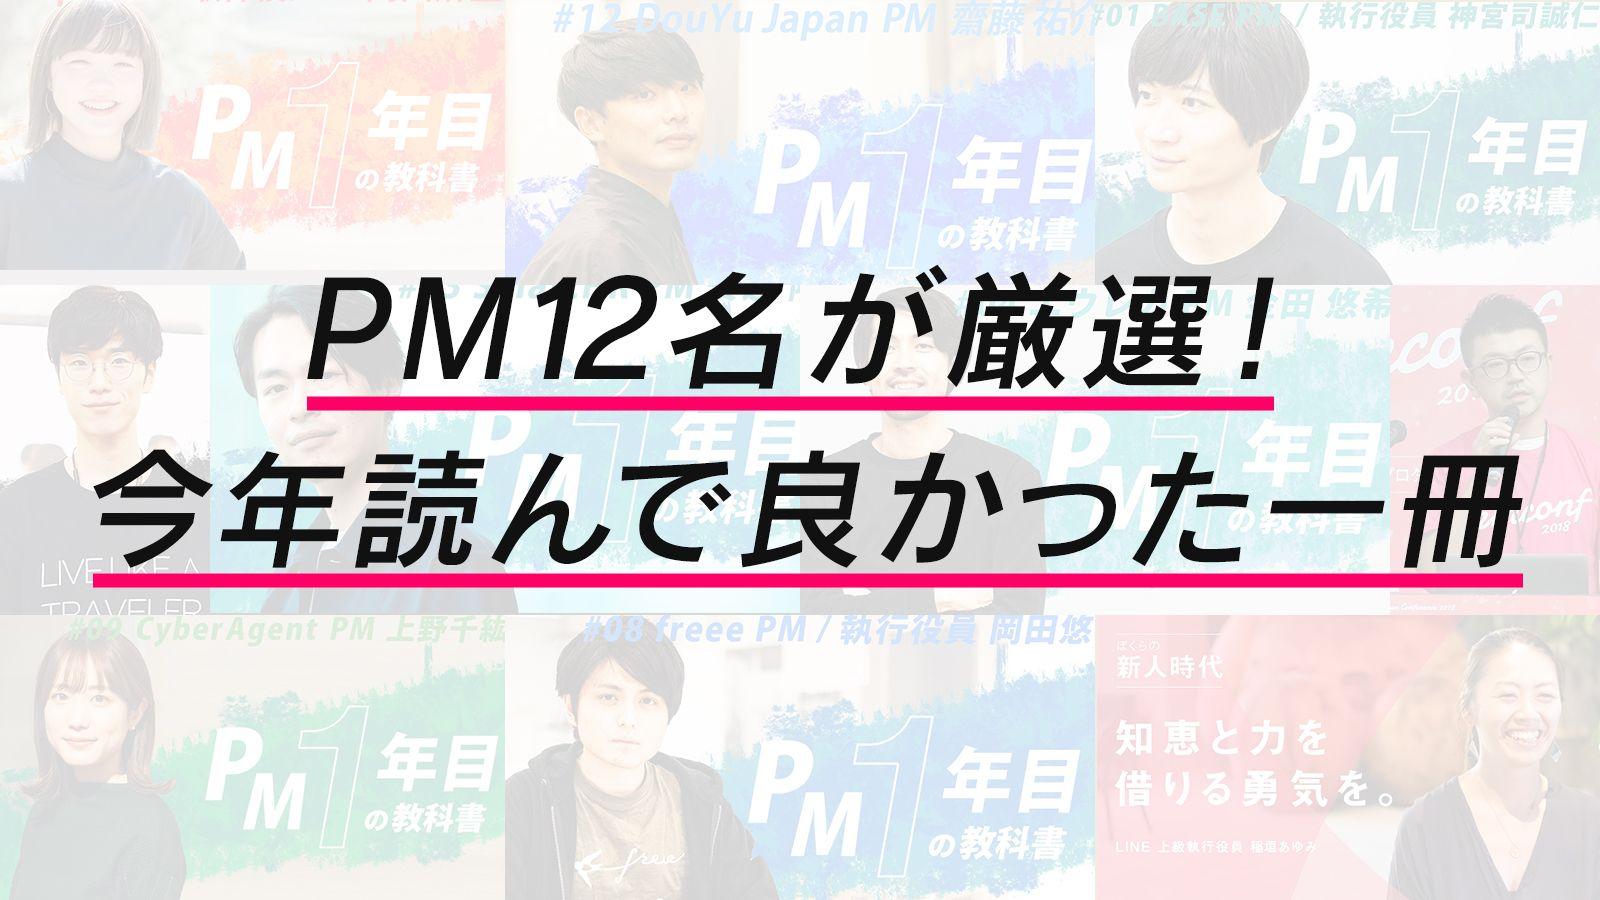 12名のPMが厳選!「2020年に読んで良かった一冊」